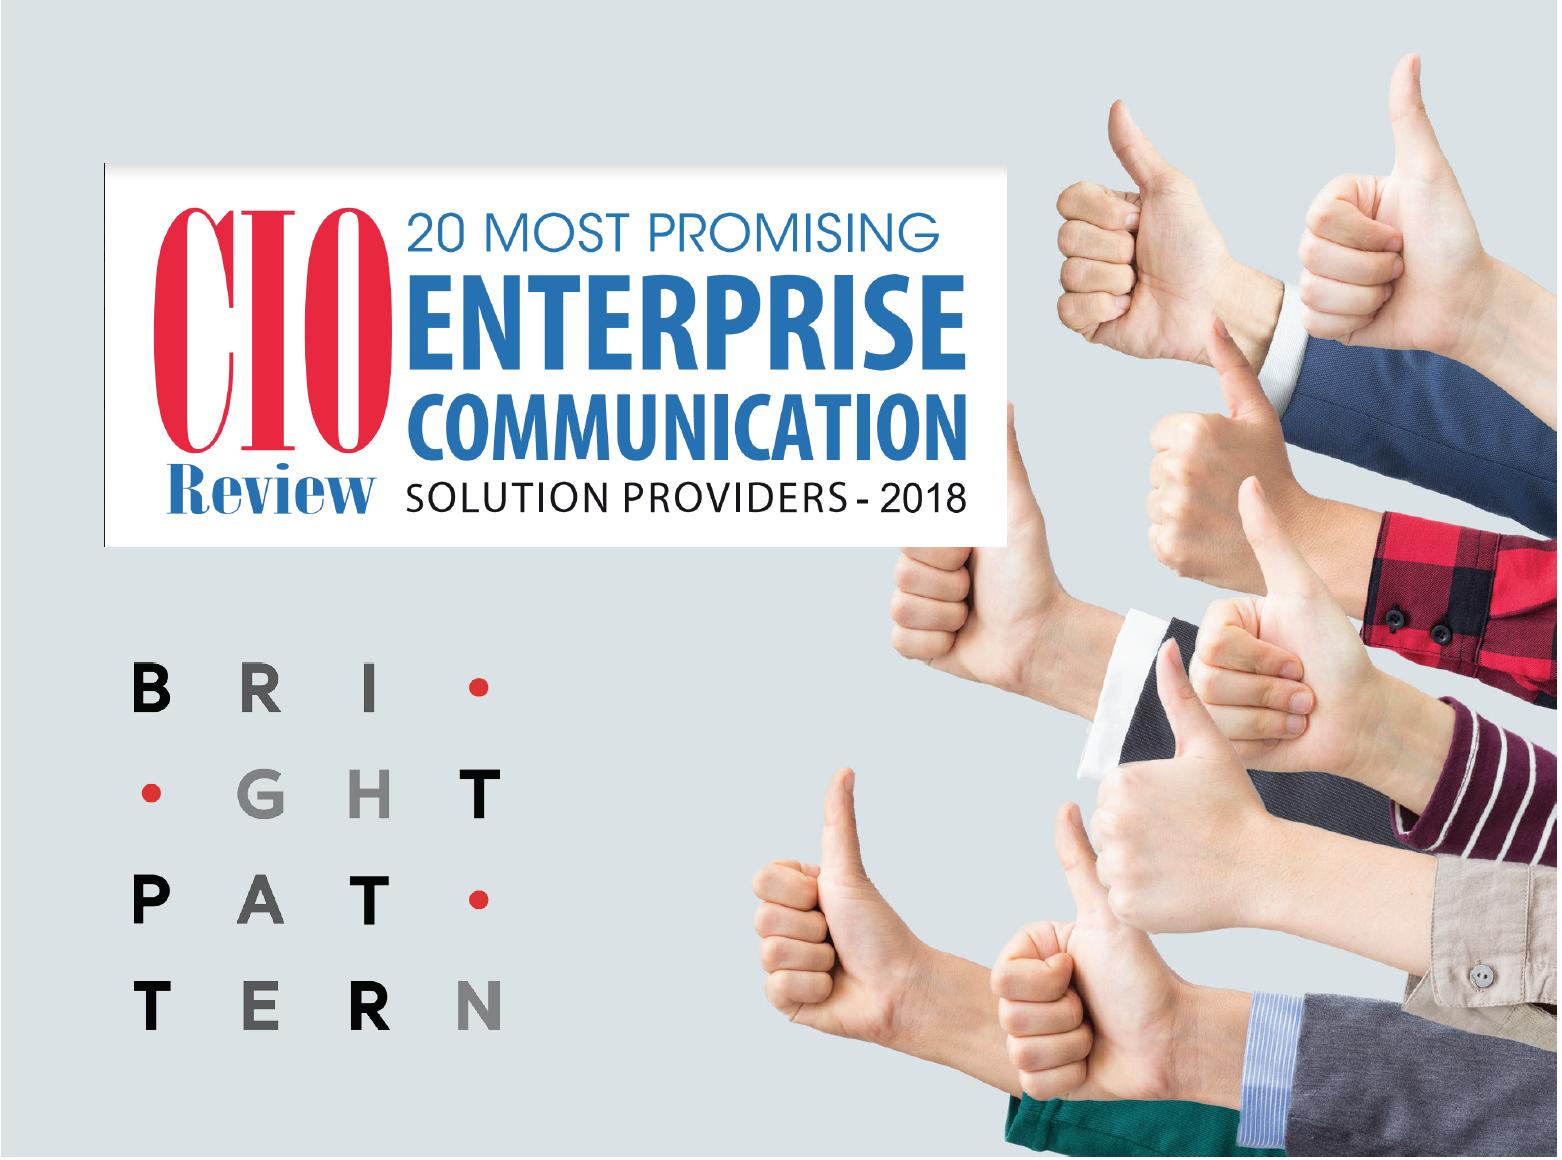 Enterprise Communication Solution